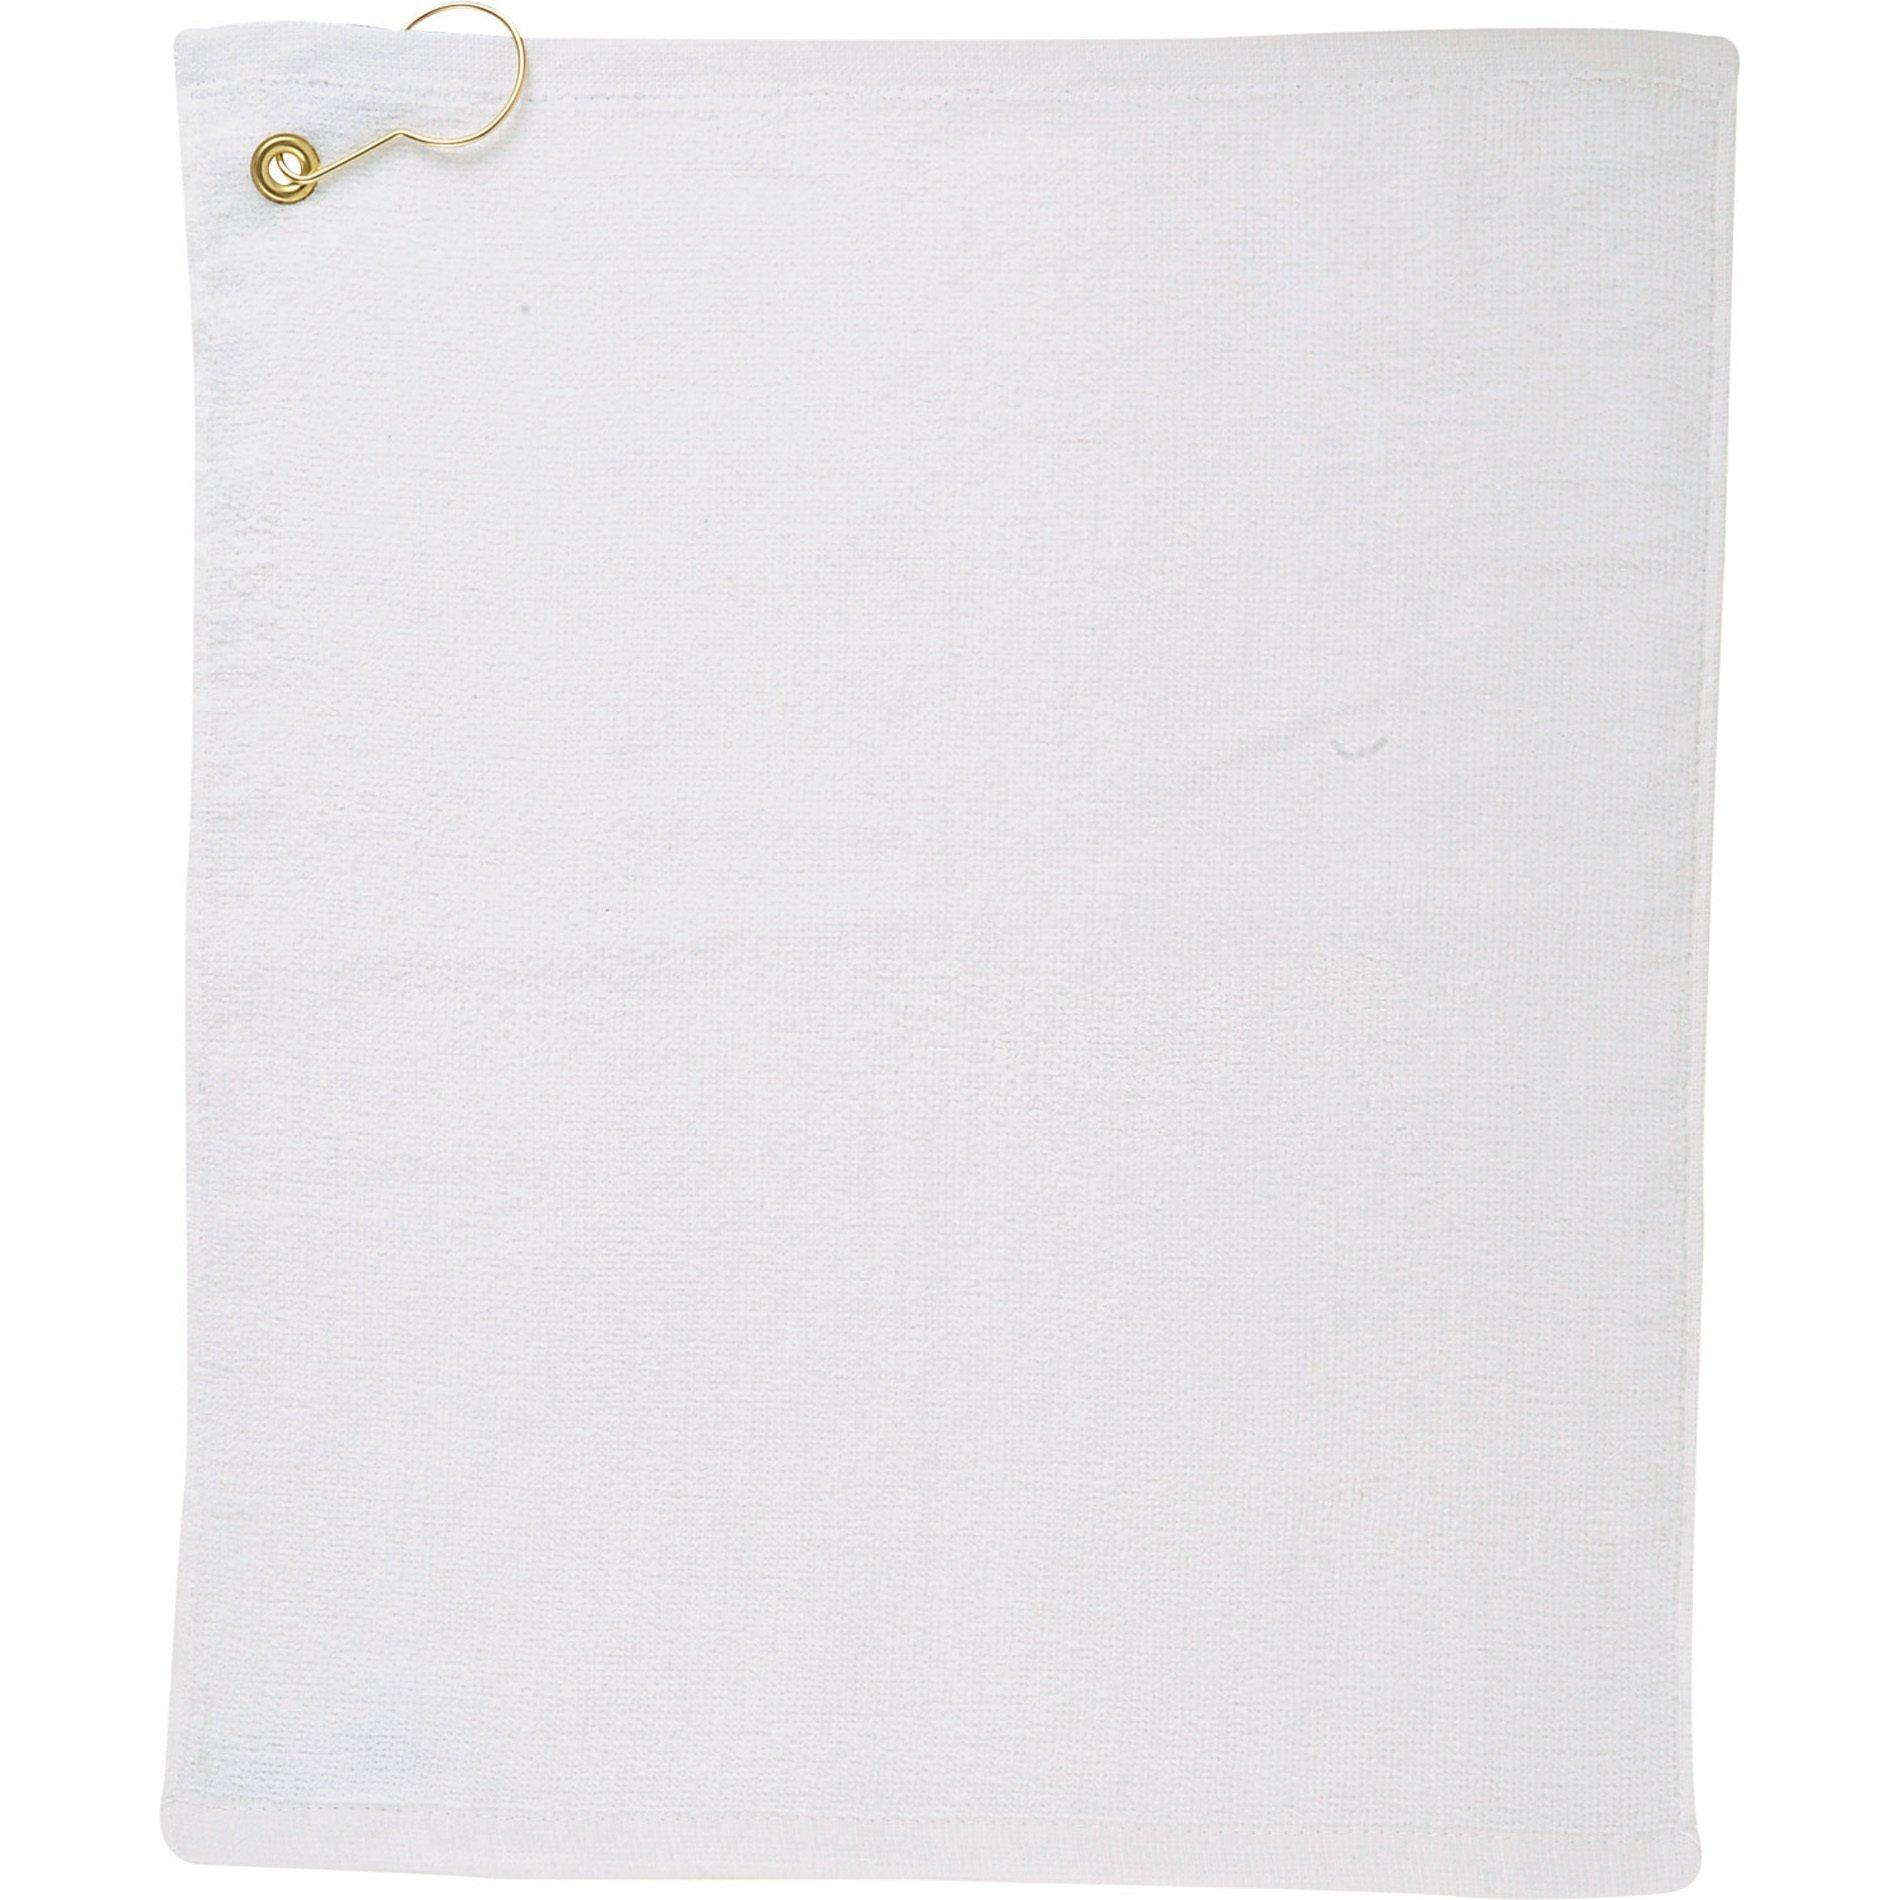 Lightweight Terry Velour Golf Towel, 1.3 lb